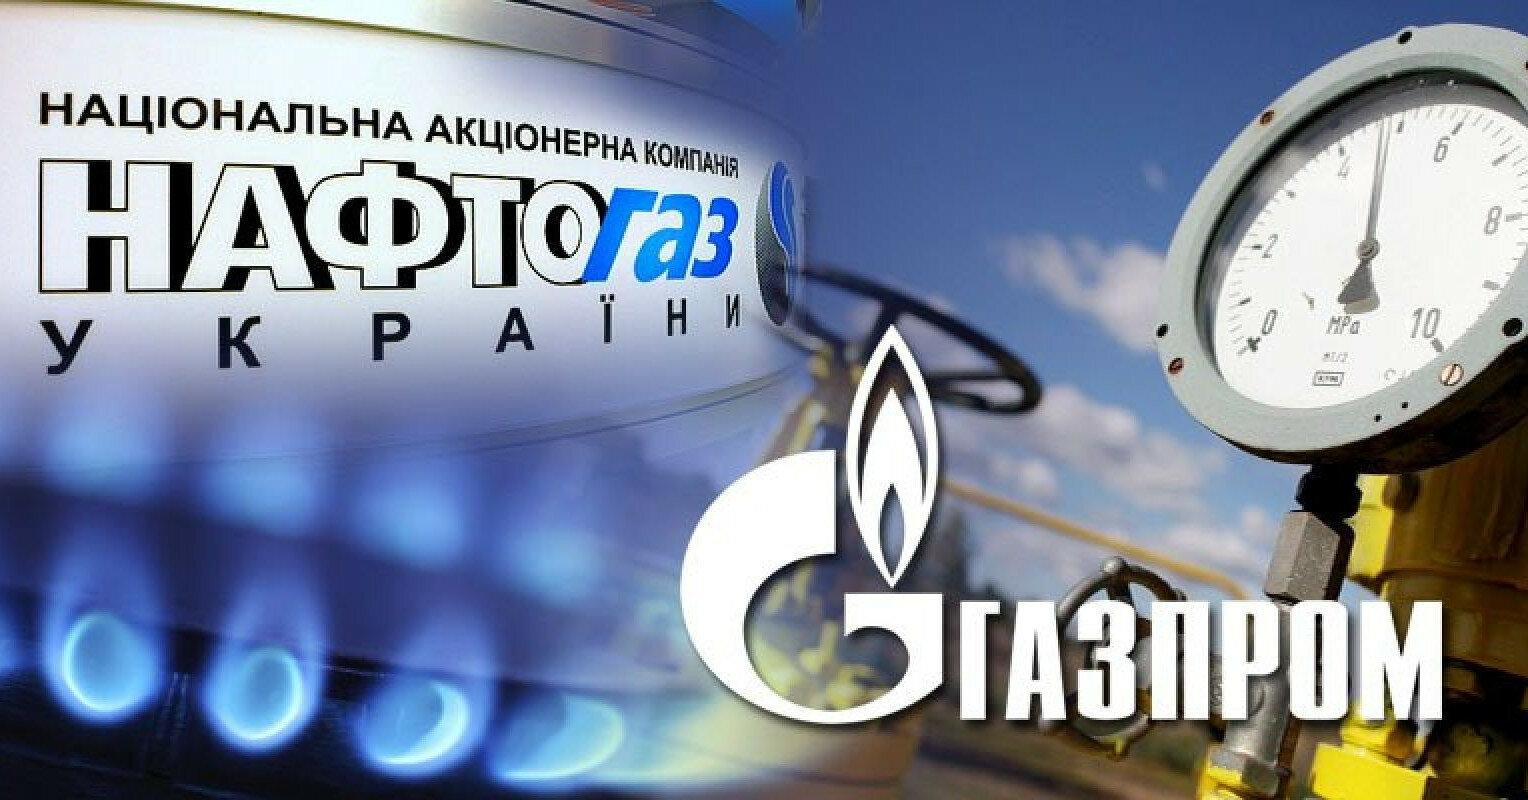 Газпром купил дополнительную транзитную мощность Украины на август